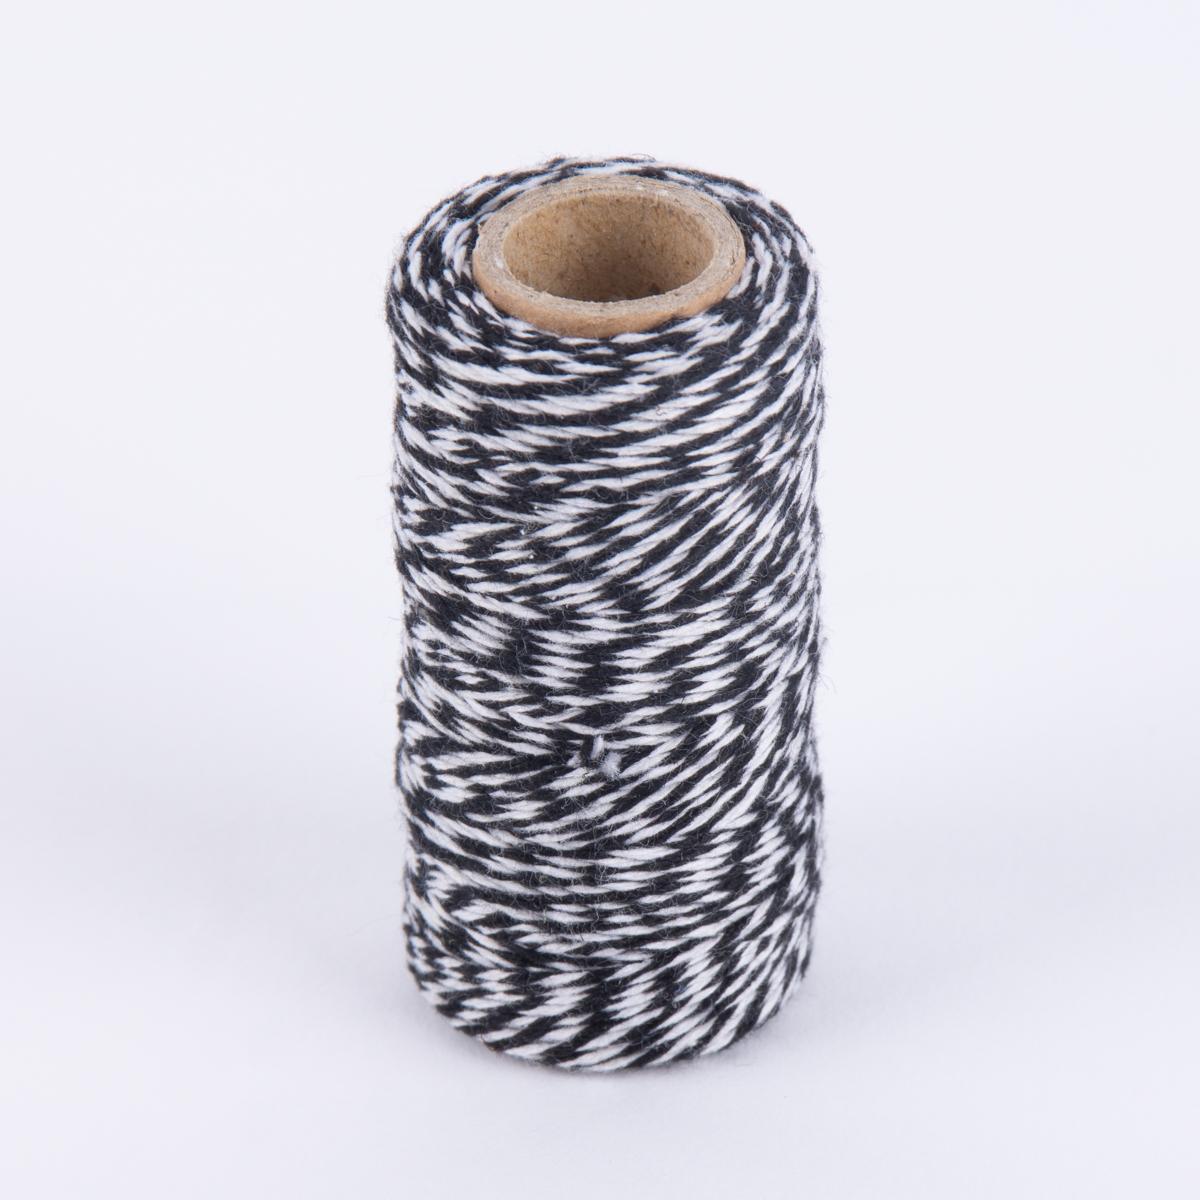 b ckergarn geschenk garn zweifarbig schwarz wei 50m kreativbedarf basteln malen. Black Bedroom Furniture Sets. Home Design Ideas